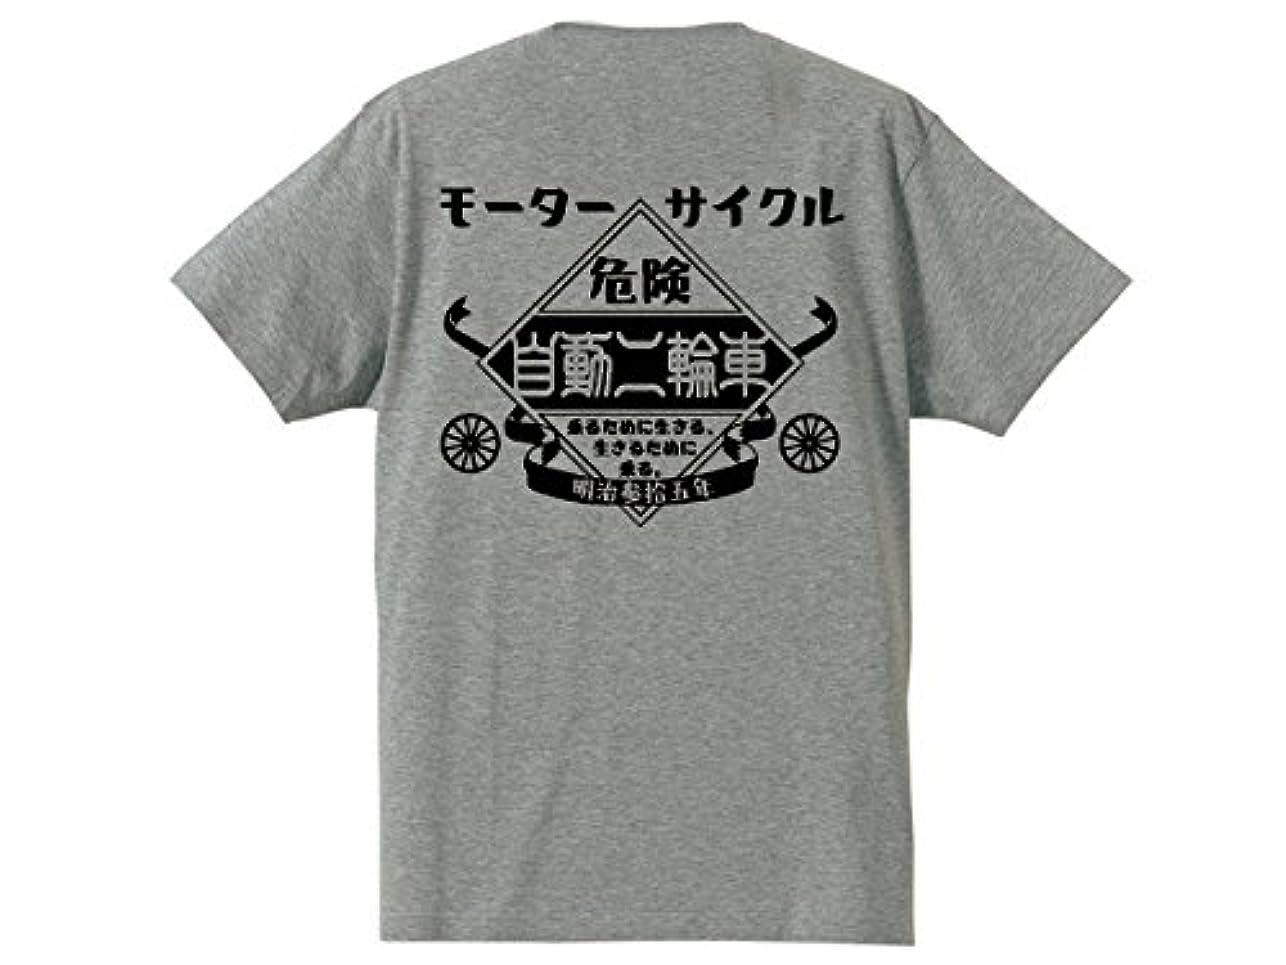 シェルター鏡出会いHONDA ( ホンダ ) Tシャツ ウイングTシャツ ブラック LL 0SYTN-W56-KLL